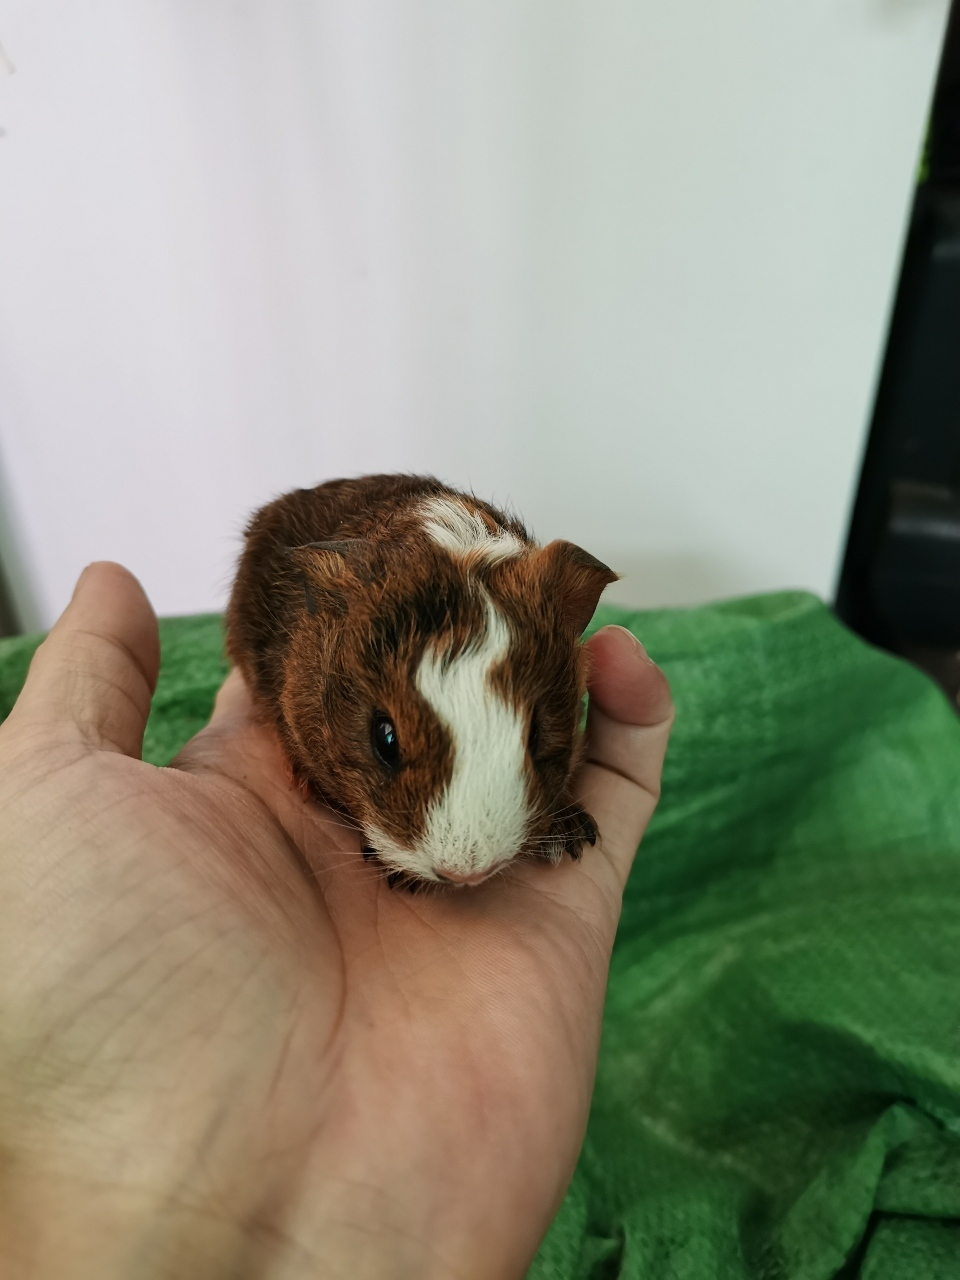 荷兰鼠 荷兰鼠 天竺鼠 荷兰猪活物